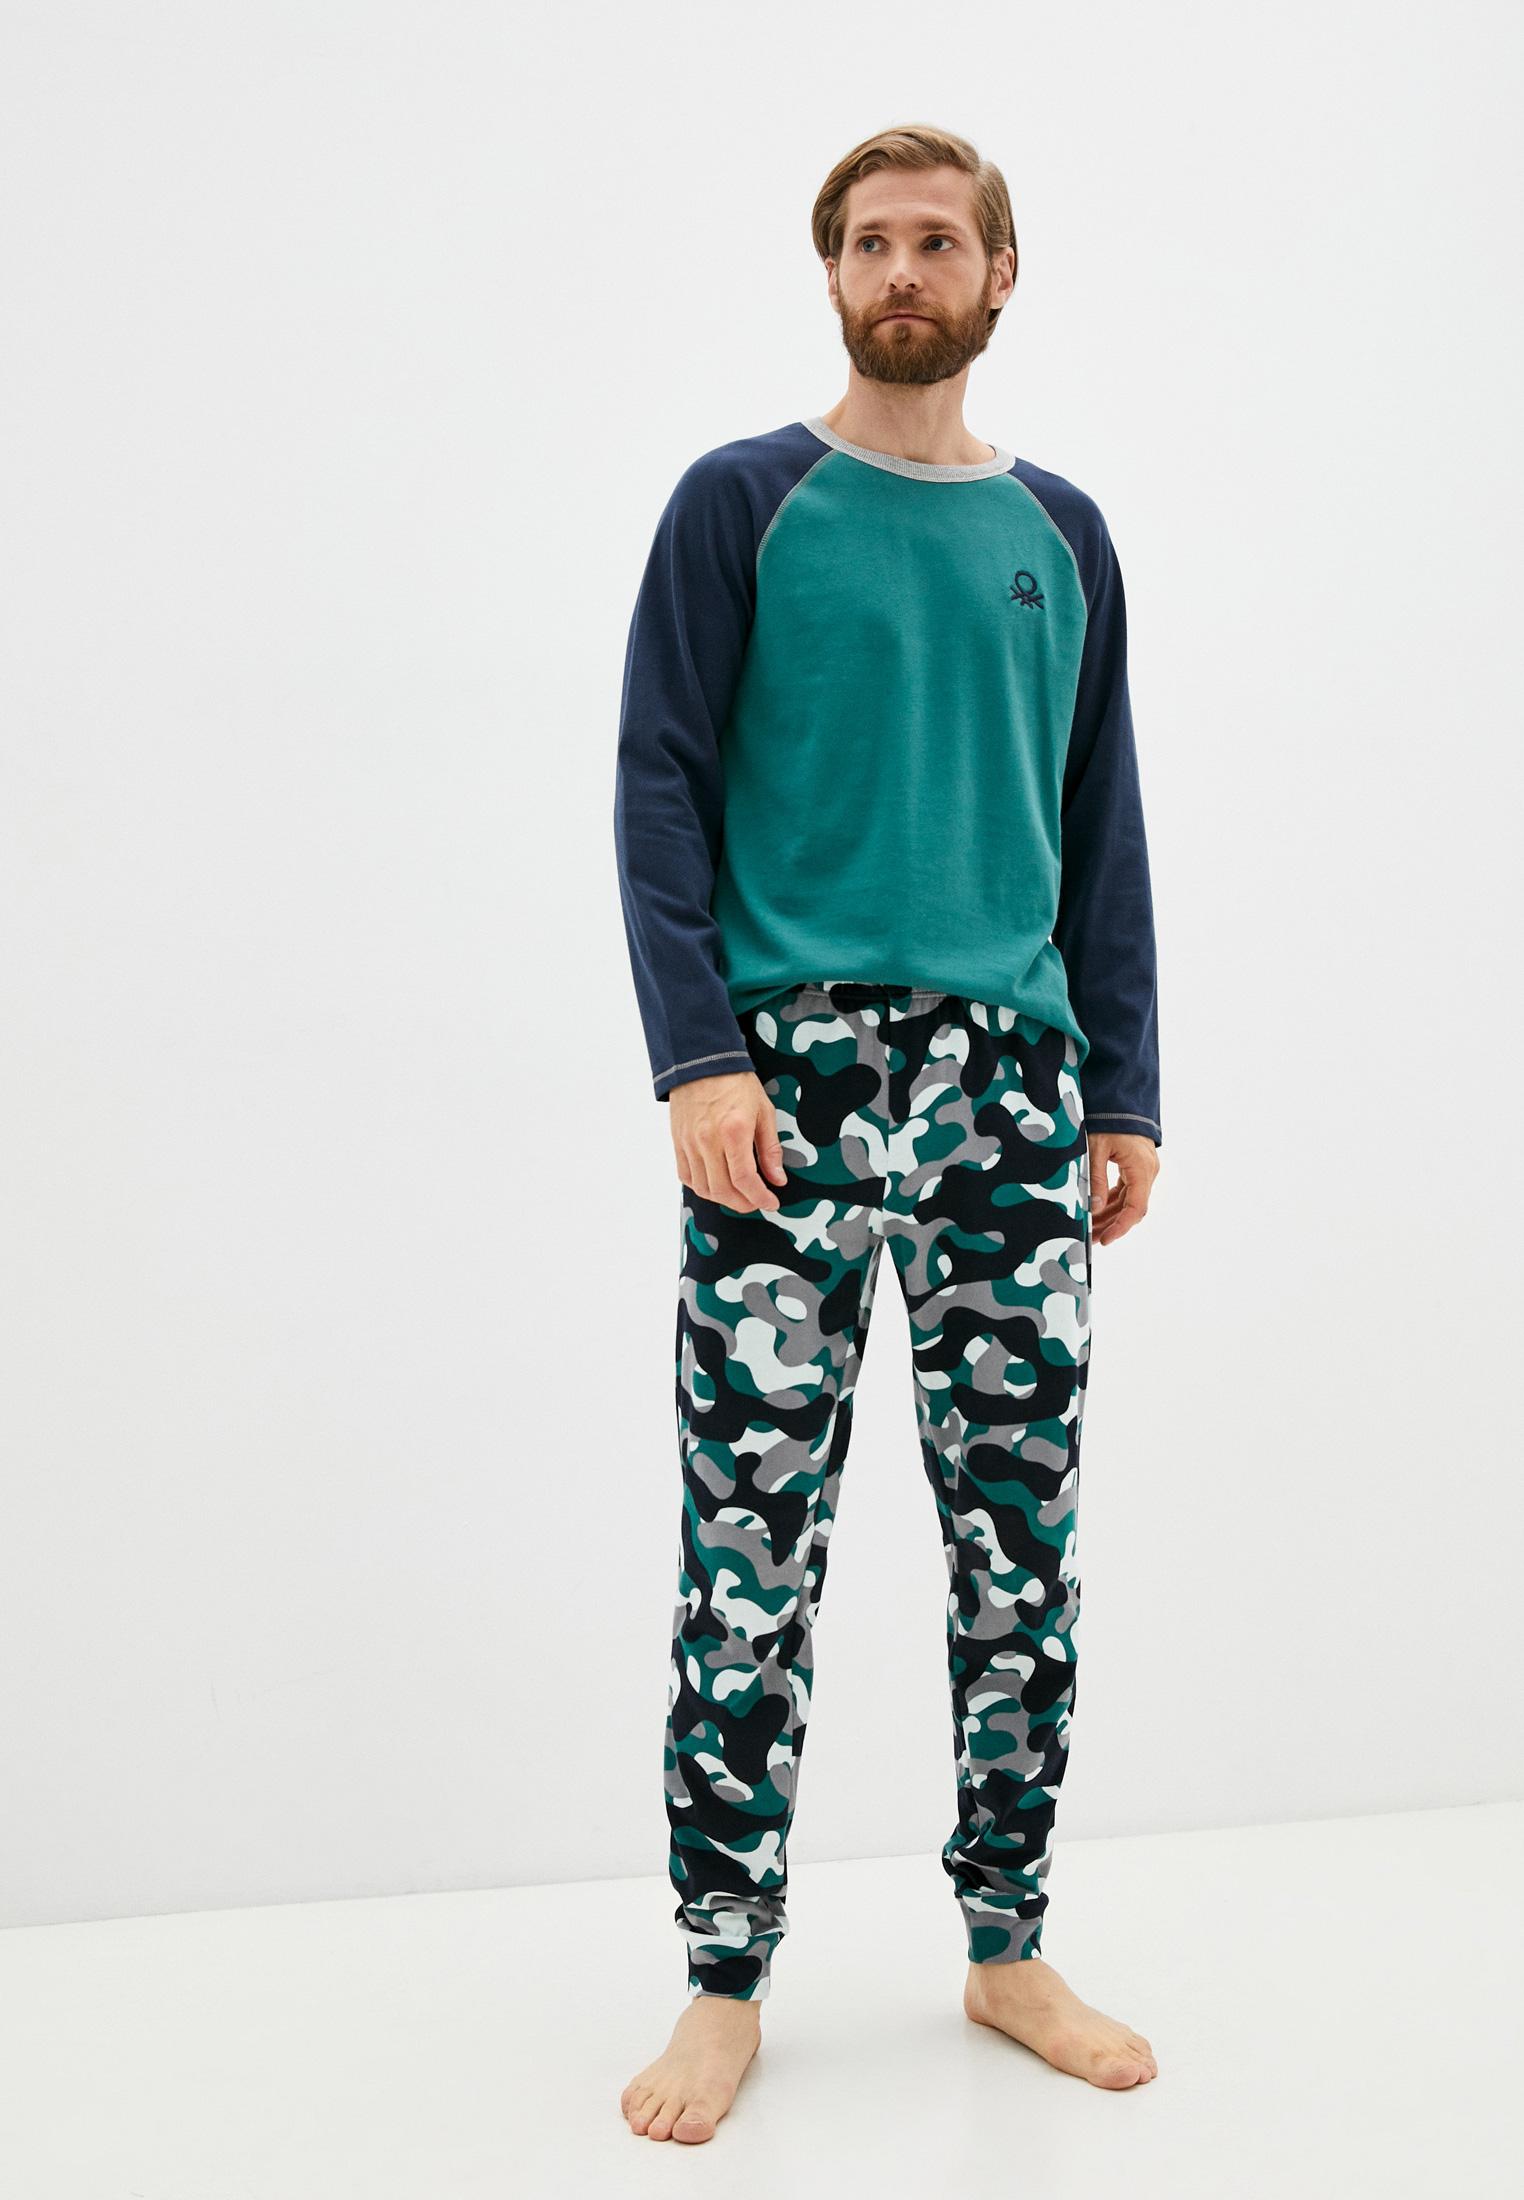 Пижама United Colors of Benetton (Юнайтед Колорс оф Бенеттон) Пижама United Colors of Benetton